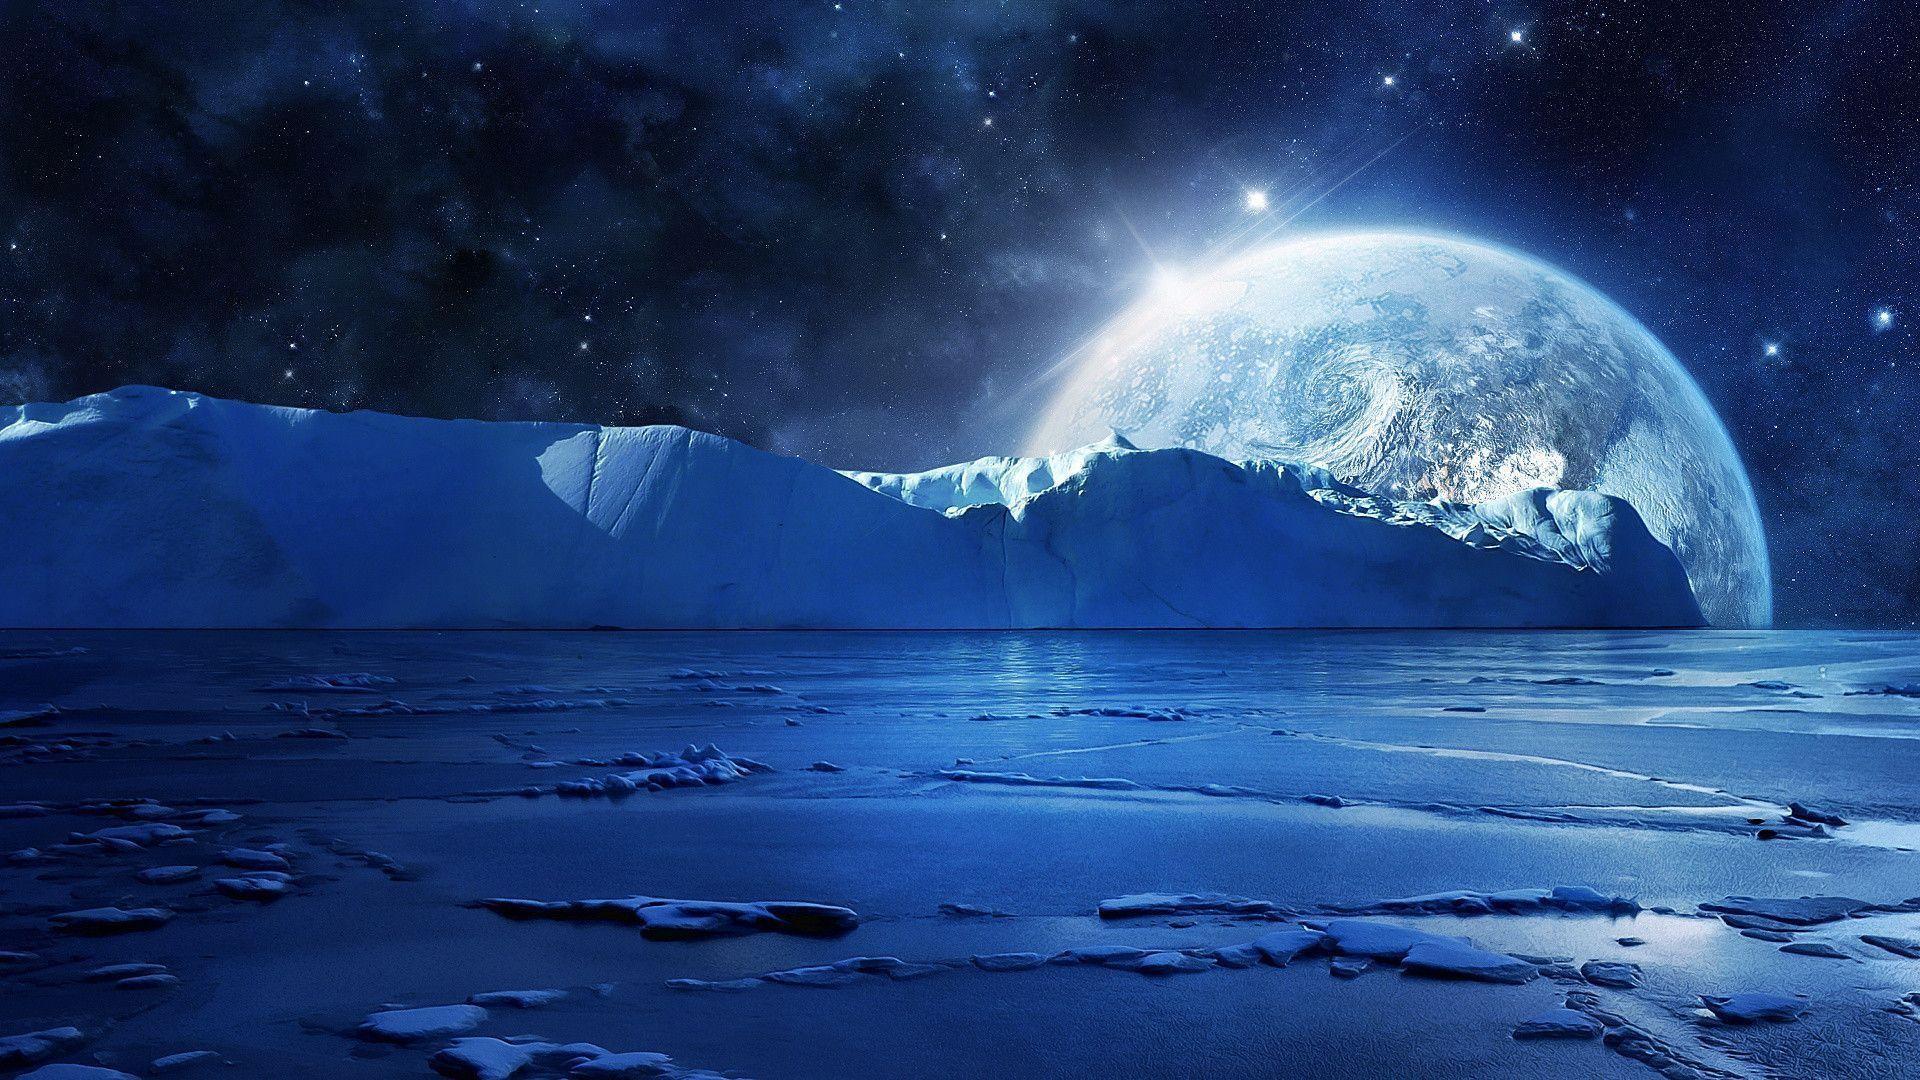 Res: 1920x1080, Oceans - Bluekait Wallpaper (35959317) - Fanpop